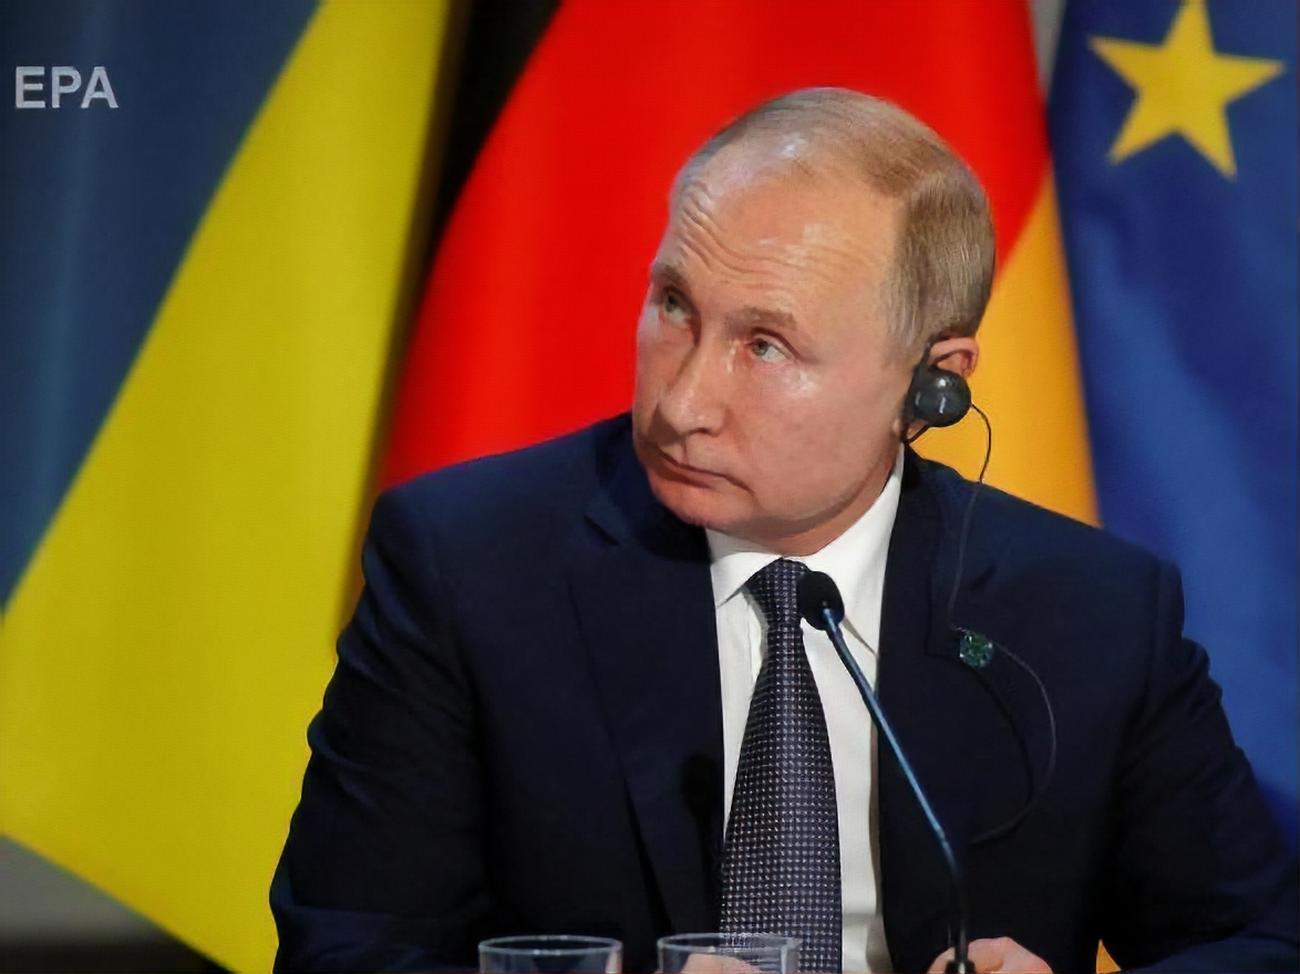 """Із серіалу """"Слуга народу"""", який показують у РФ, вирізали жарт про Путіна – ЗМІ"""